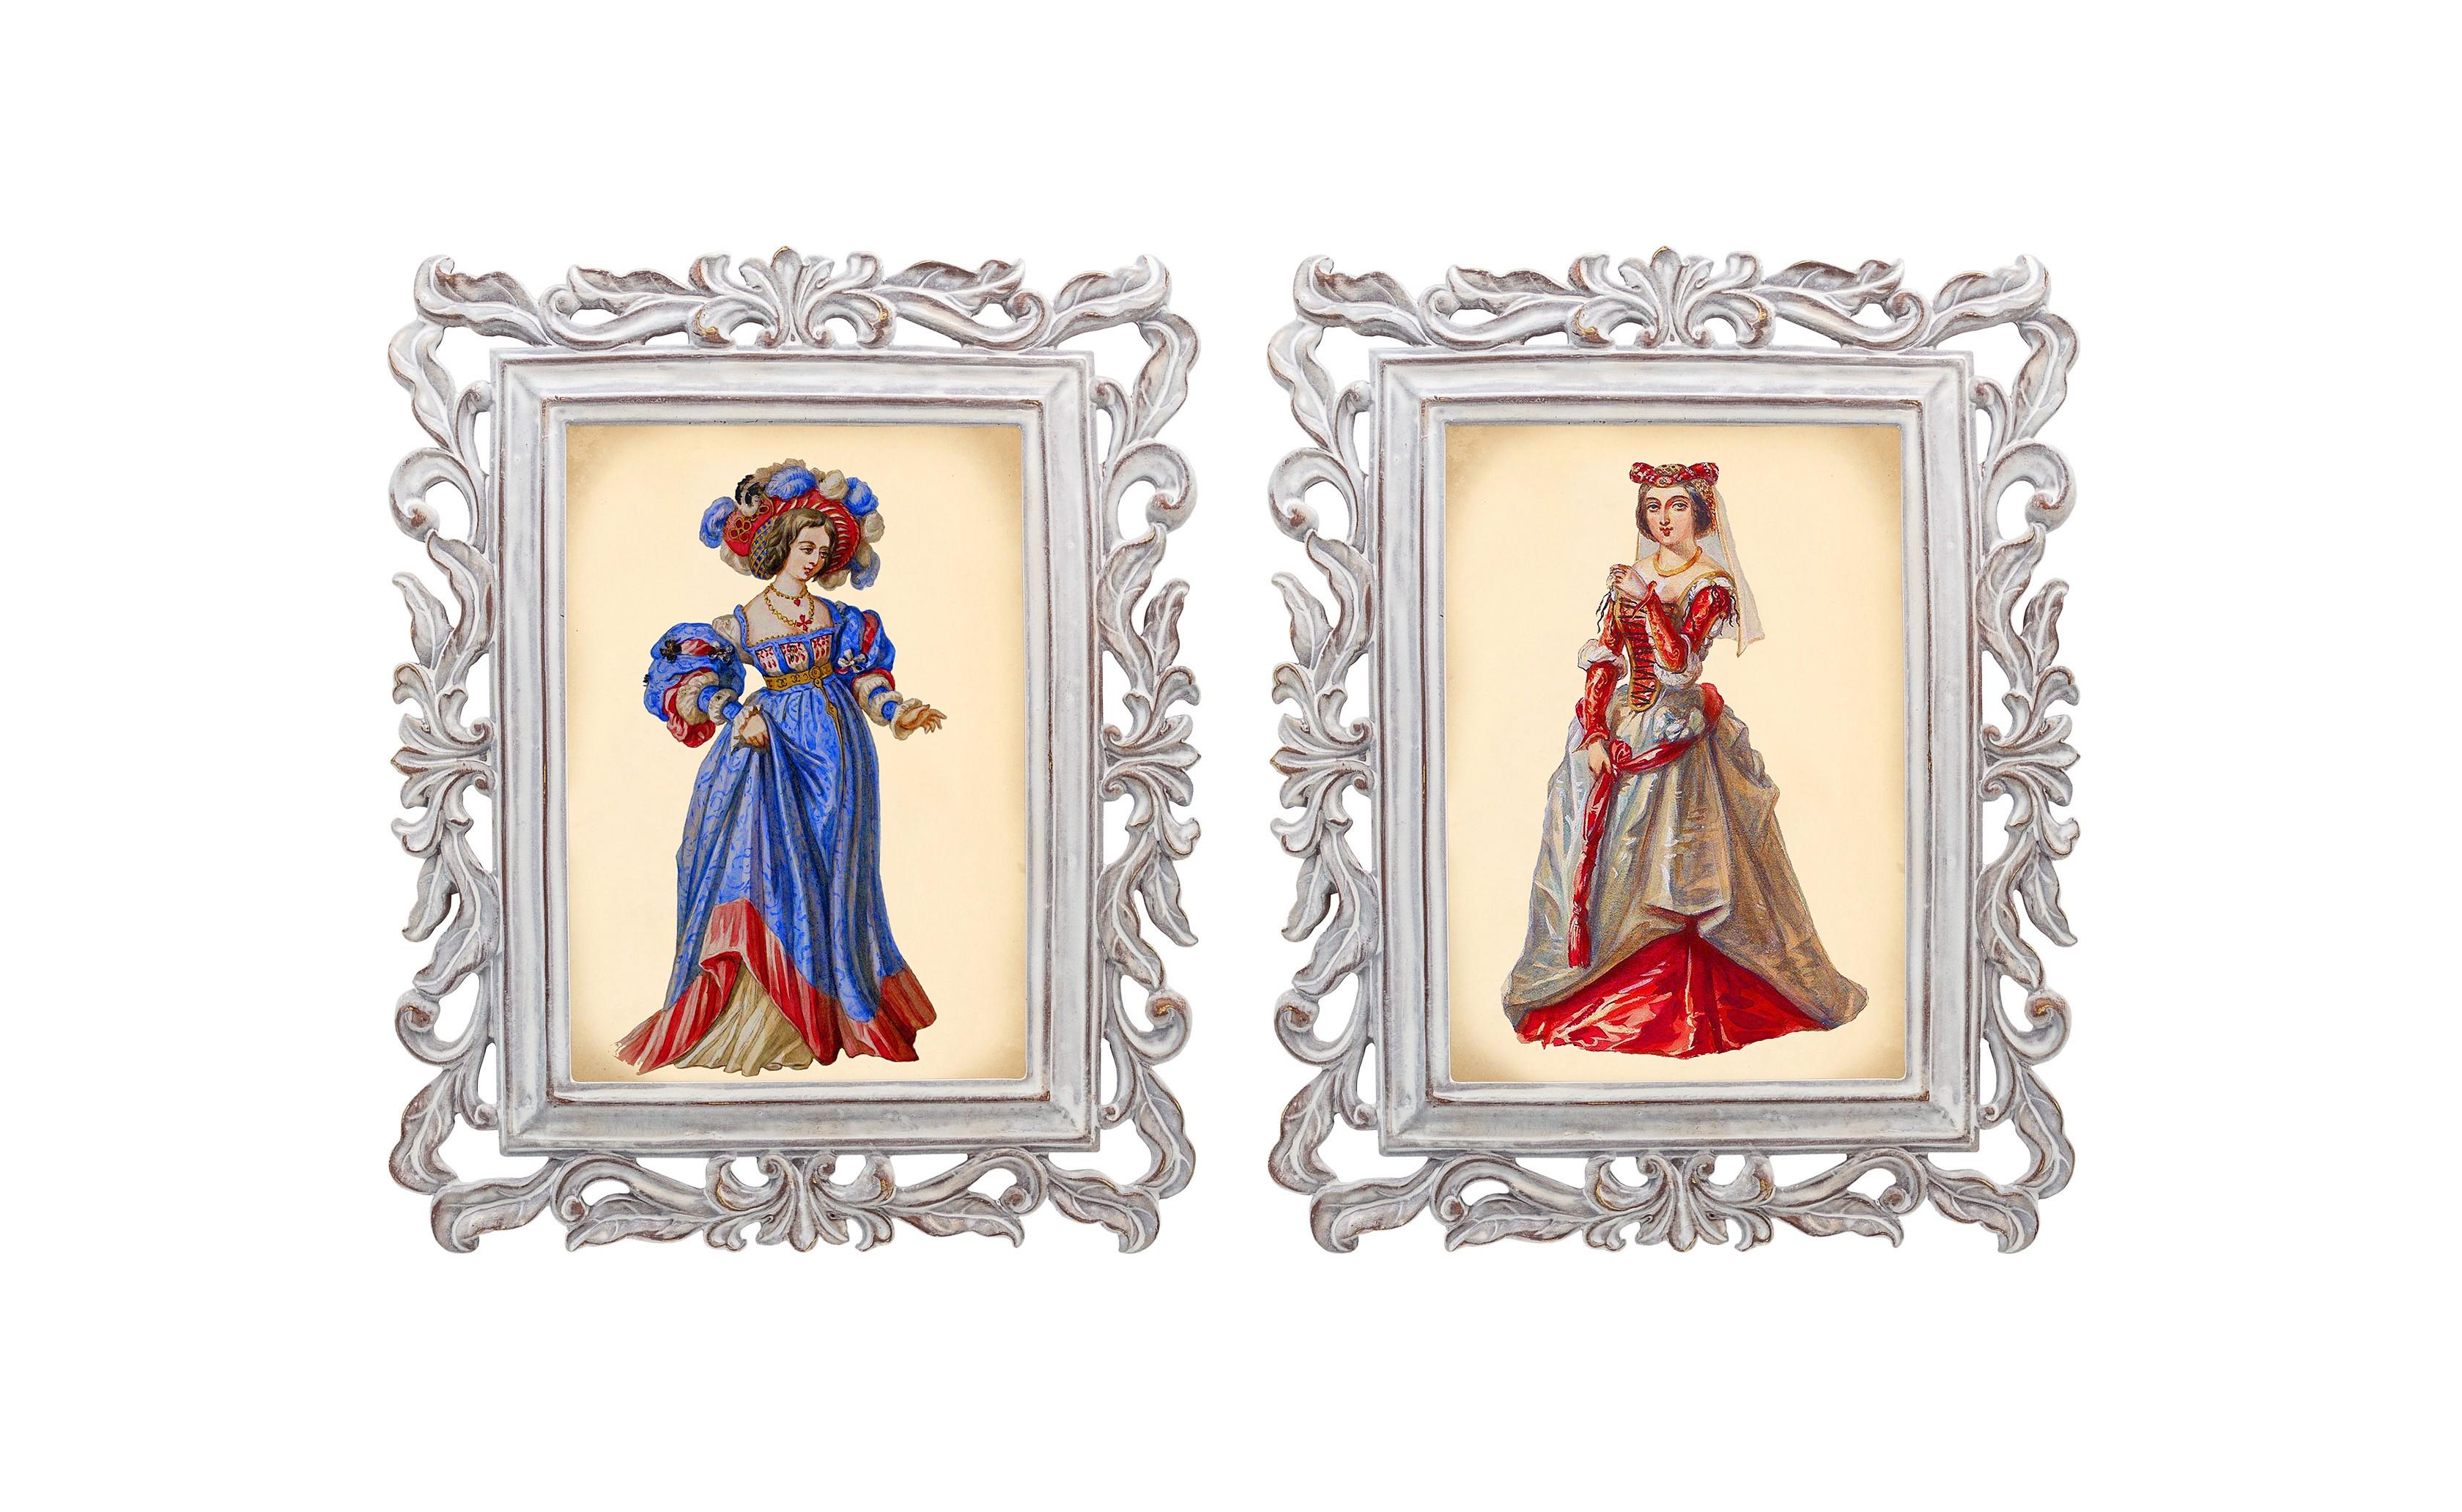 Набор из двух репродукций Агата и Бурлеск 5Картины<br>В моде викторианской эпохи достигалась гармония между женской хрупкостью и неприступной гордостью. Репродукции старинных картин из серии «Бурлеск» напоминают об этом времени богатства, роскоши и поистине королевского стиля. Это не только сентиментальное воспоминание о предметах и целых эпохах прошлого, — это еще и оригинальная деталь интерьера, которая поражает множеством элементов и эффектно смотрится в любом пространстве.<br><br>Material: Камень<br>Ширина см: 21<br>Высота см: 26<br>Глубина см: 1